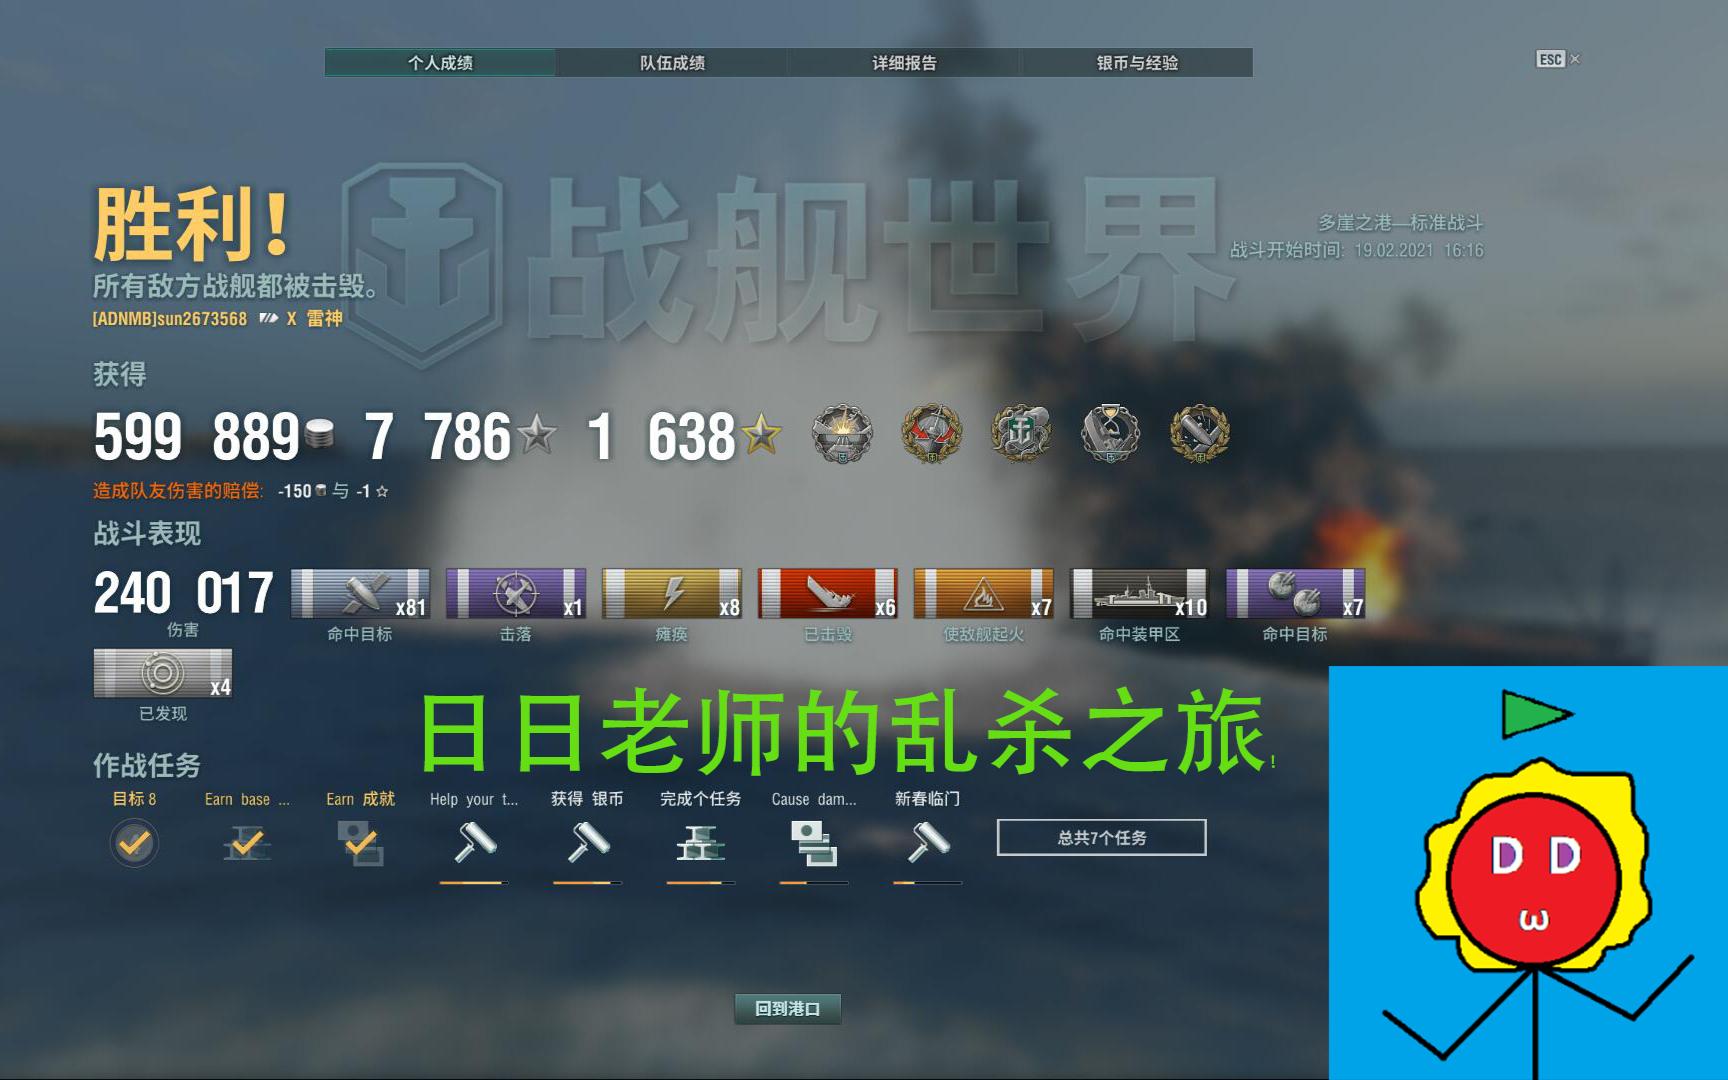 日日老师的雷神乱杀之旅!——战舰世界国服6杀3000裸雷神解说